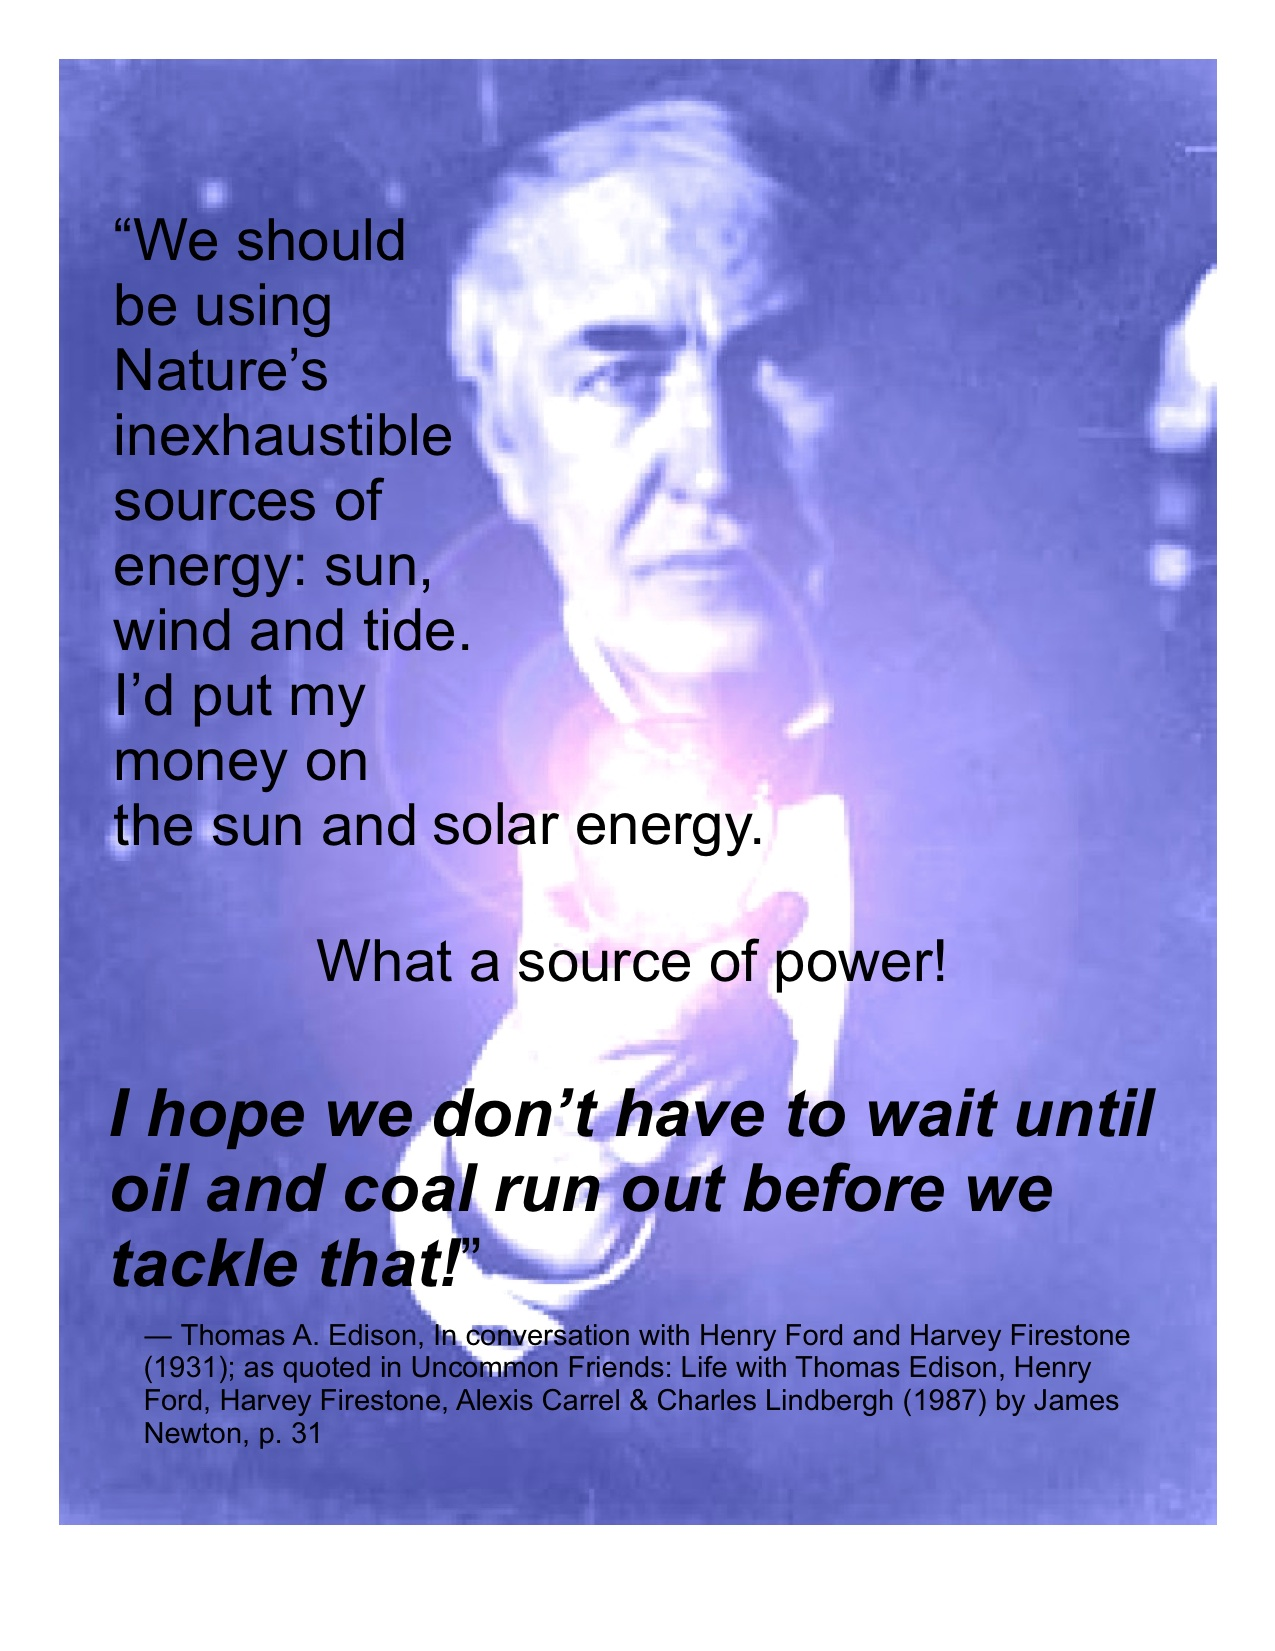 Thomas Edison Quotes Failure Quotesgram